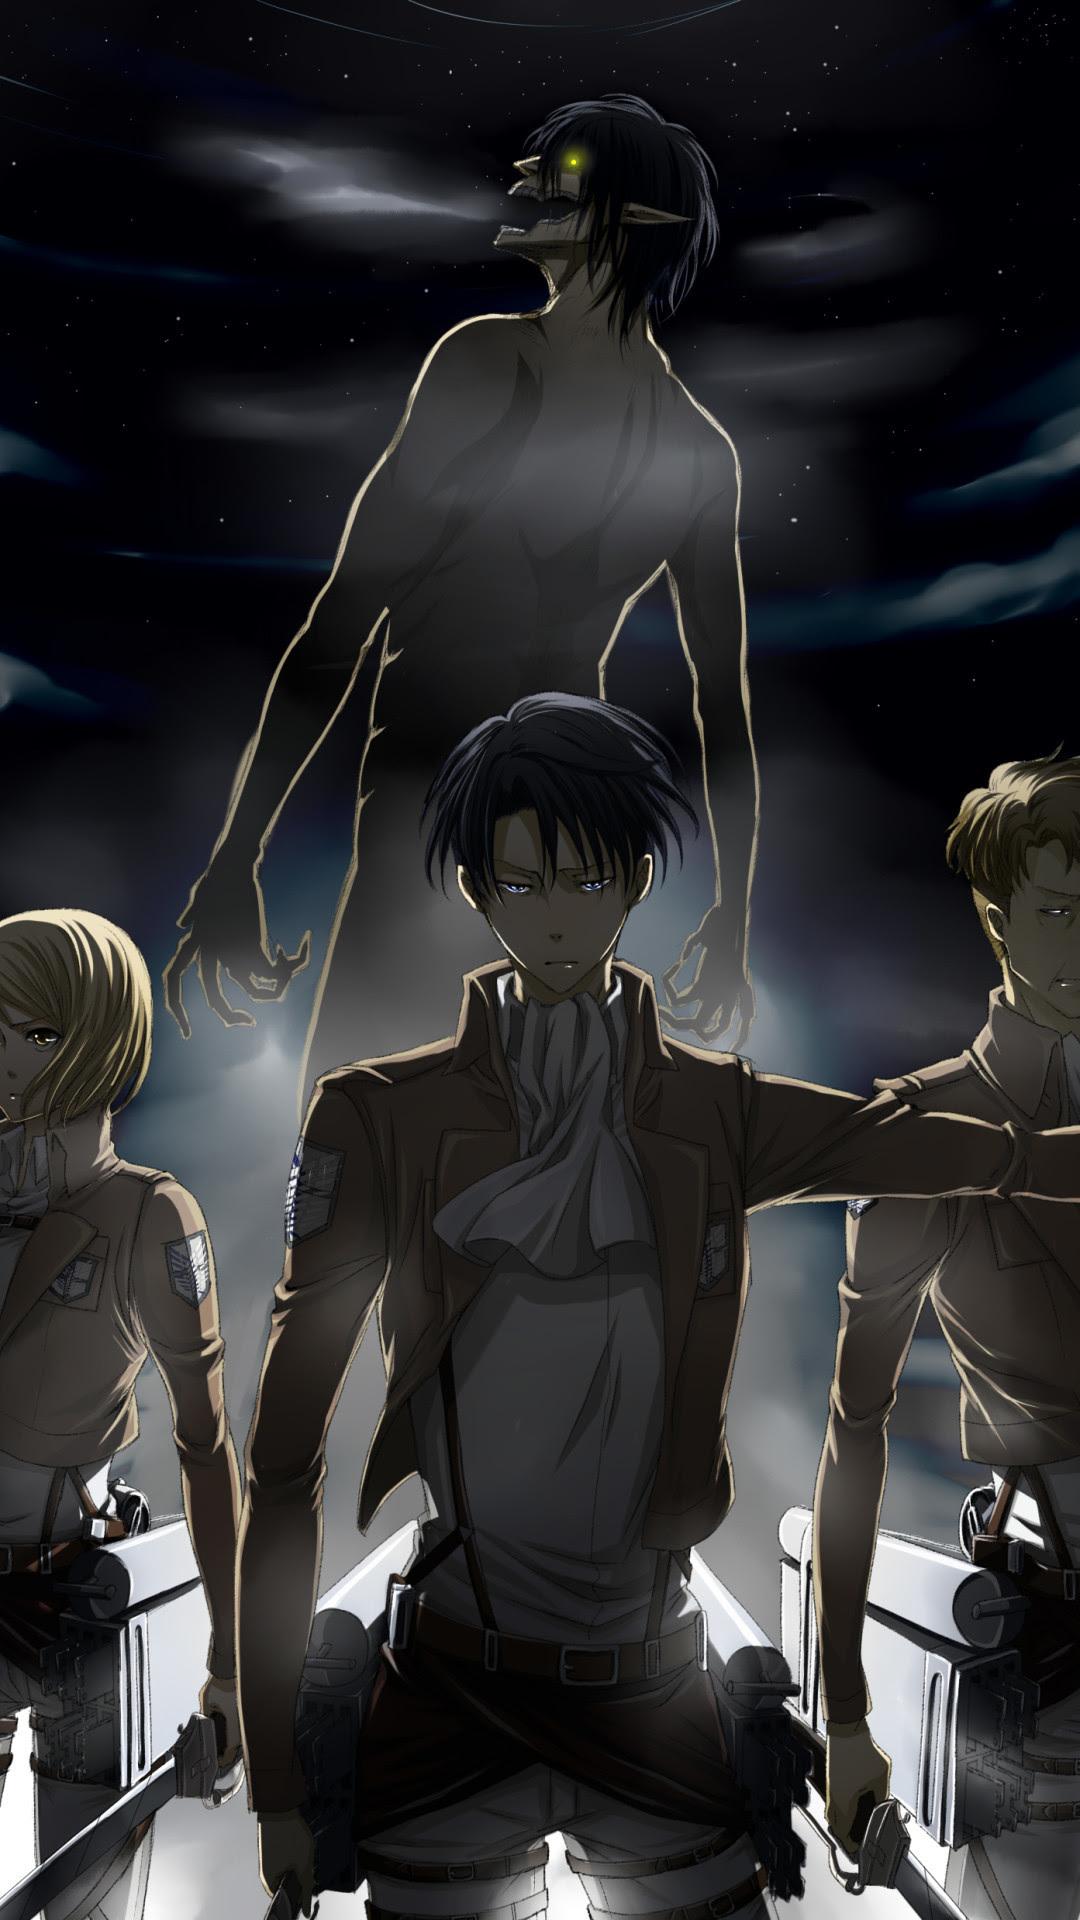 Aesthetic Anime Wallpaper Attack On Titan Singebloggg